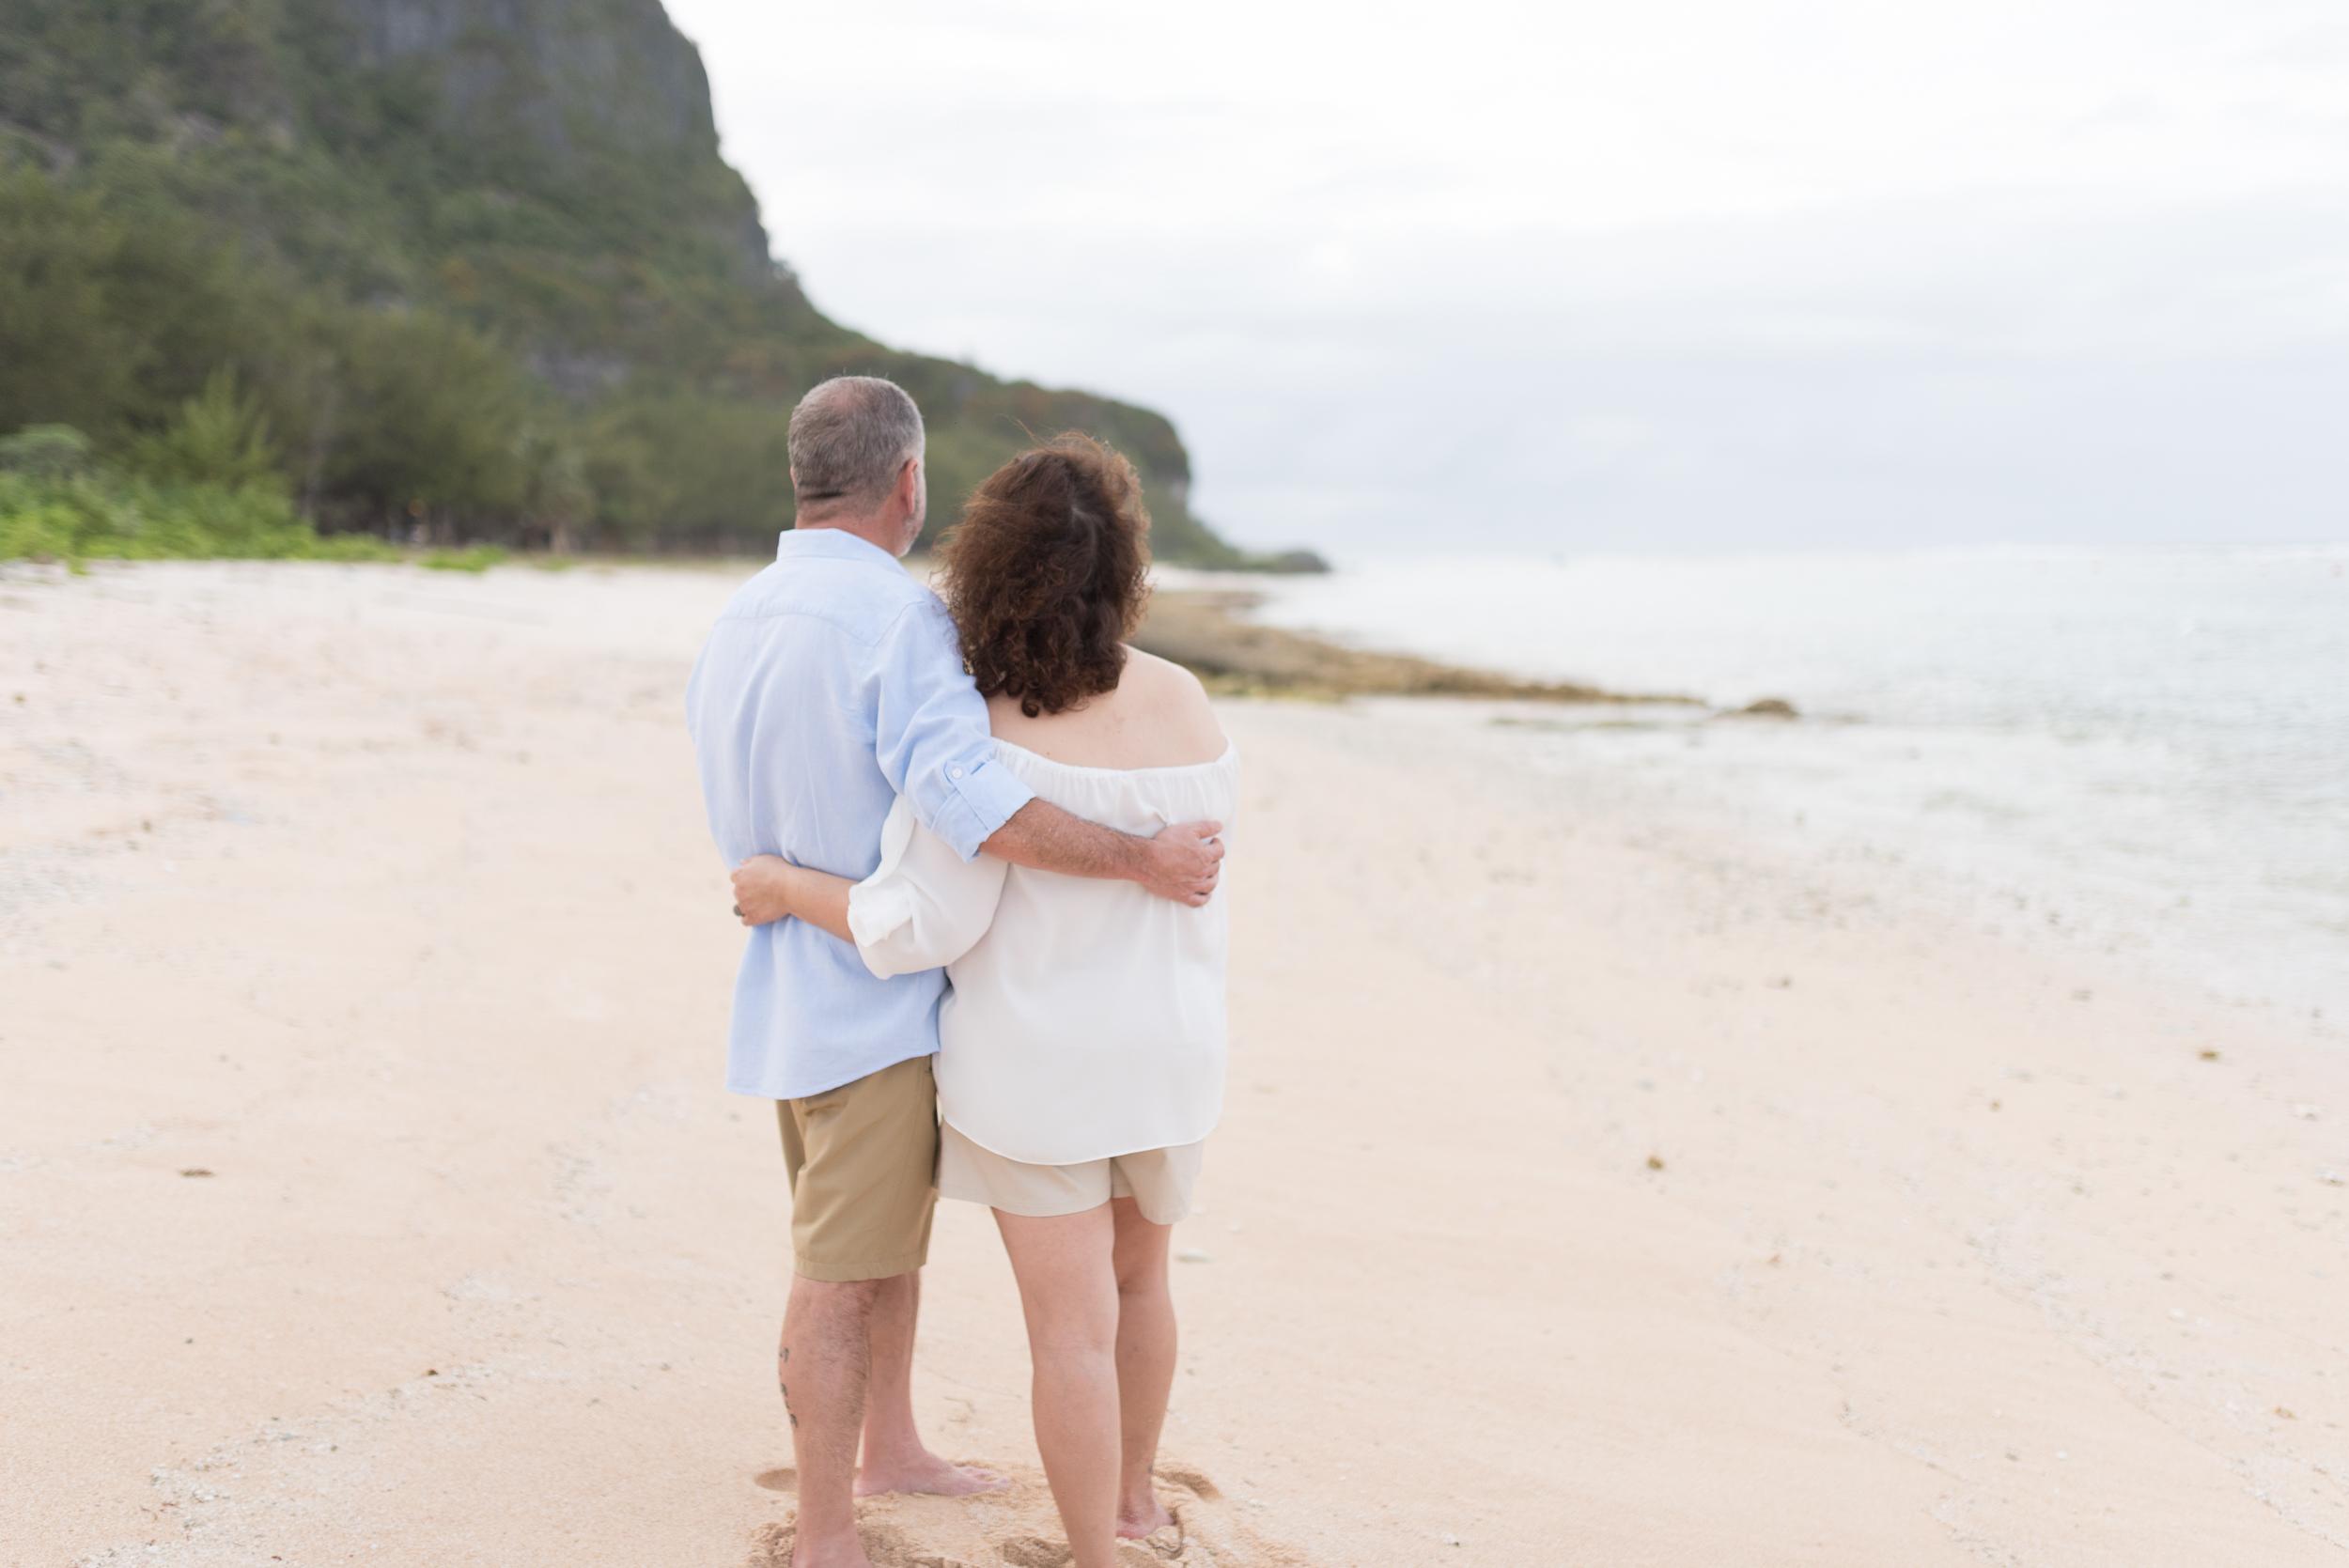 CouplesSessionTaragueGuamPhotographer-ROXANNEAUGUSTA-14.jpg